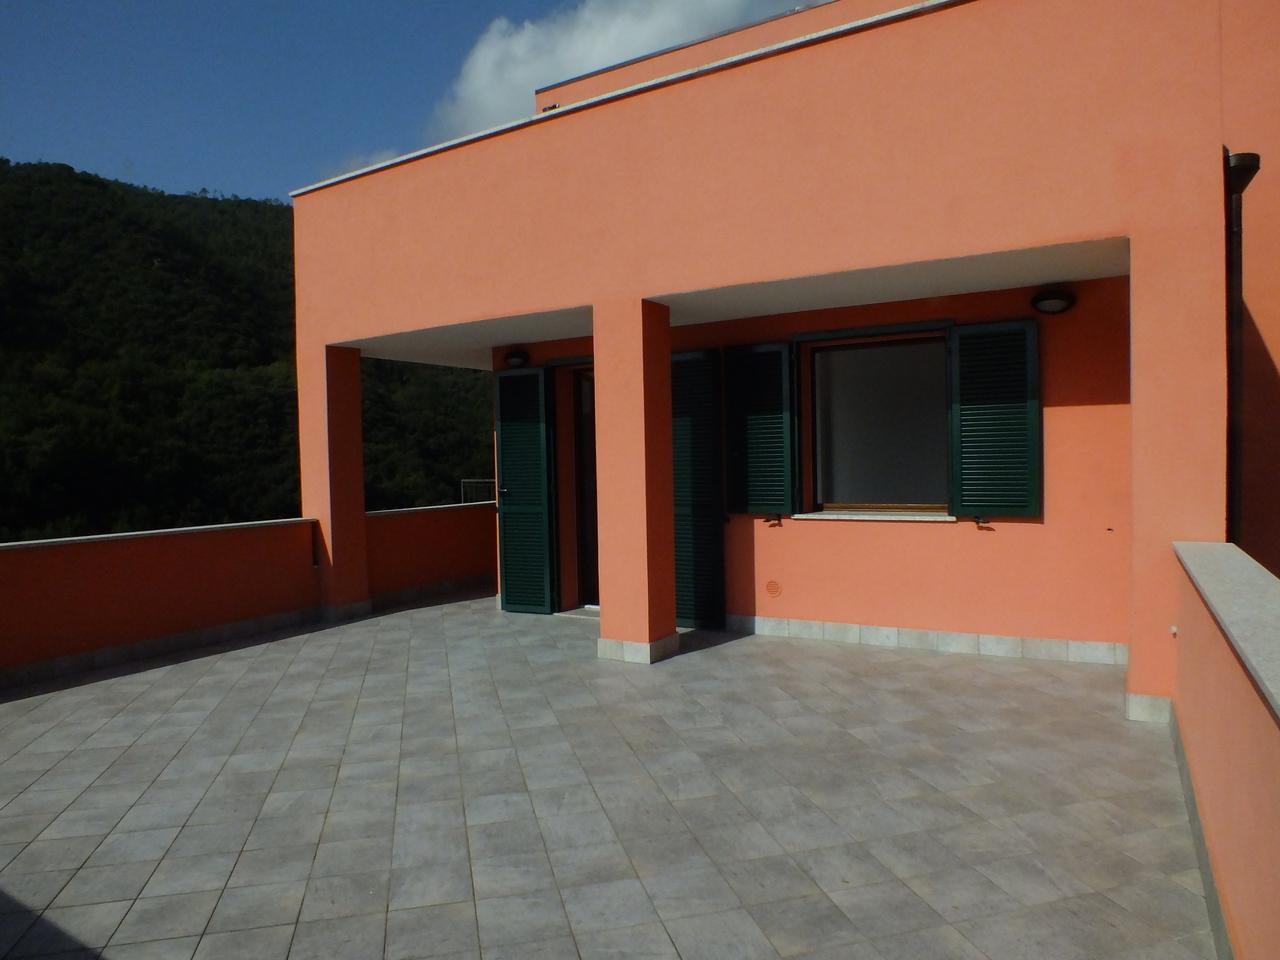 Appartamento in vendita a Giustenice, 4 locali, prezzo € 220.000 | PortaleAgenzieImmobiliari.it